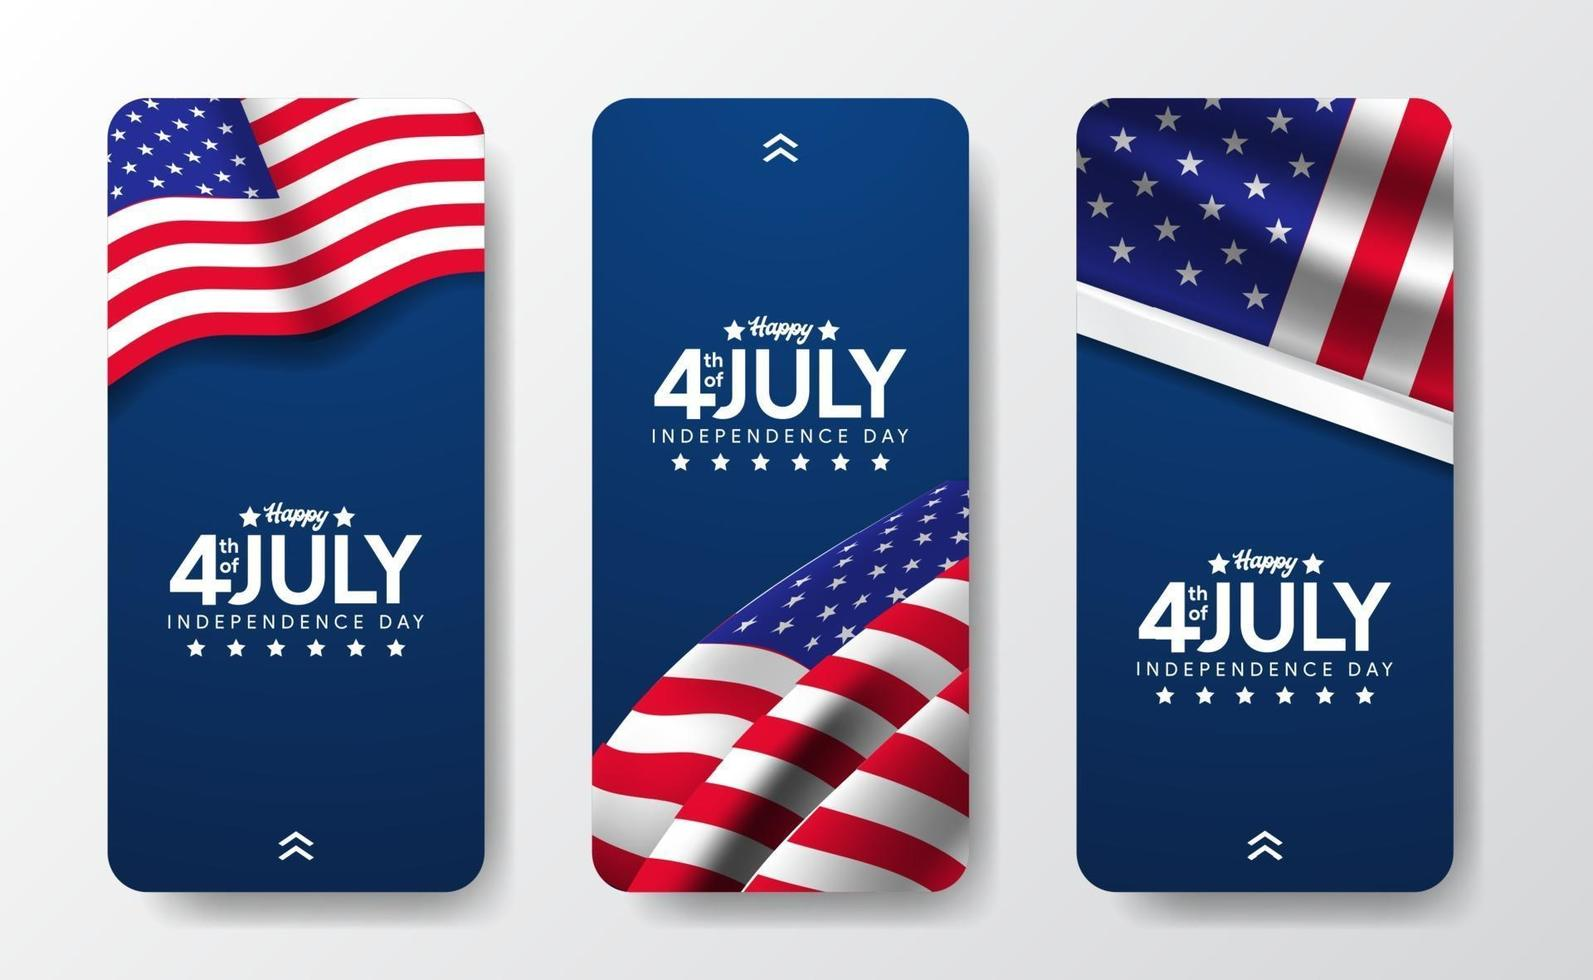 storie di modelli di social media per il 4 luglio giorno dell'indipendenza americana vettore